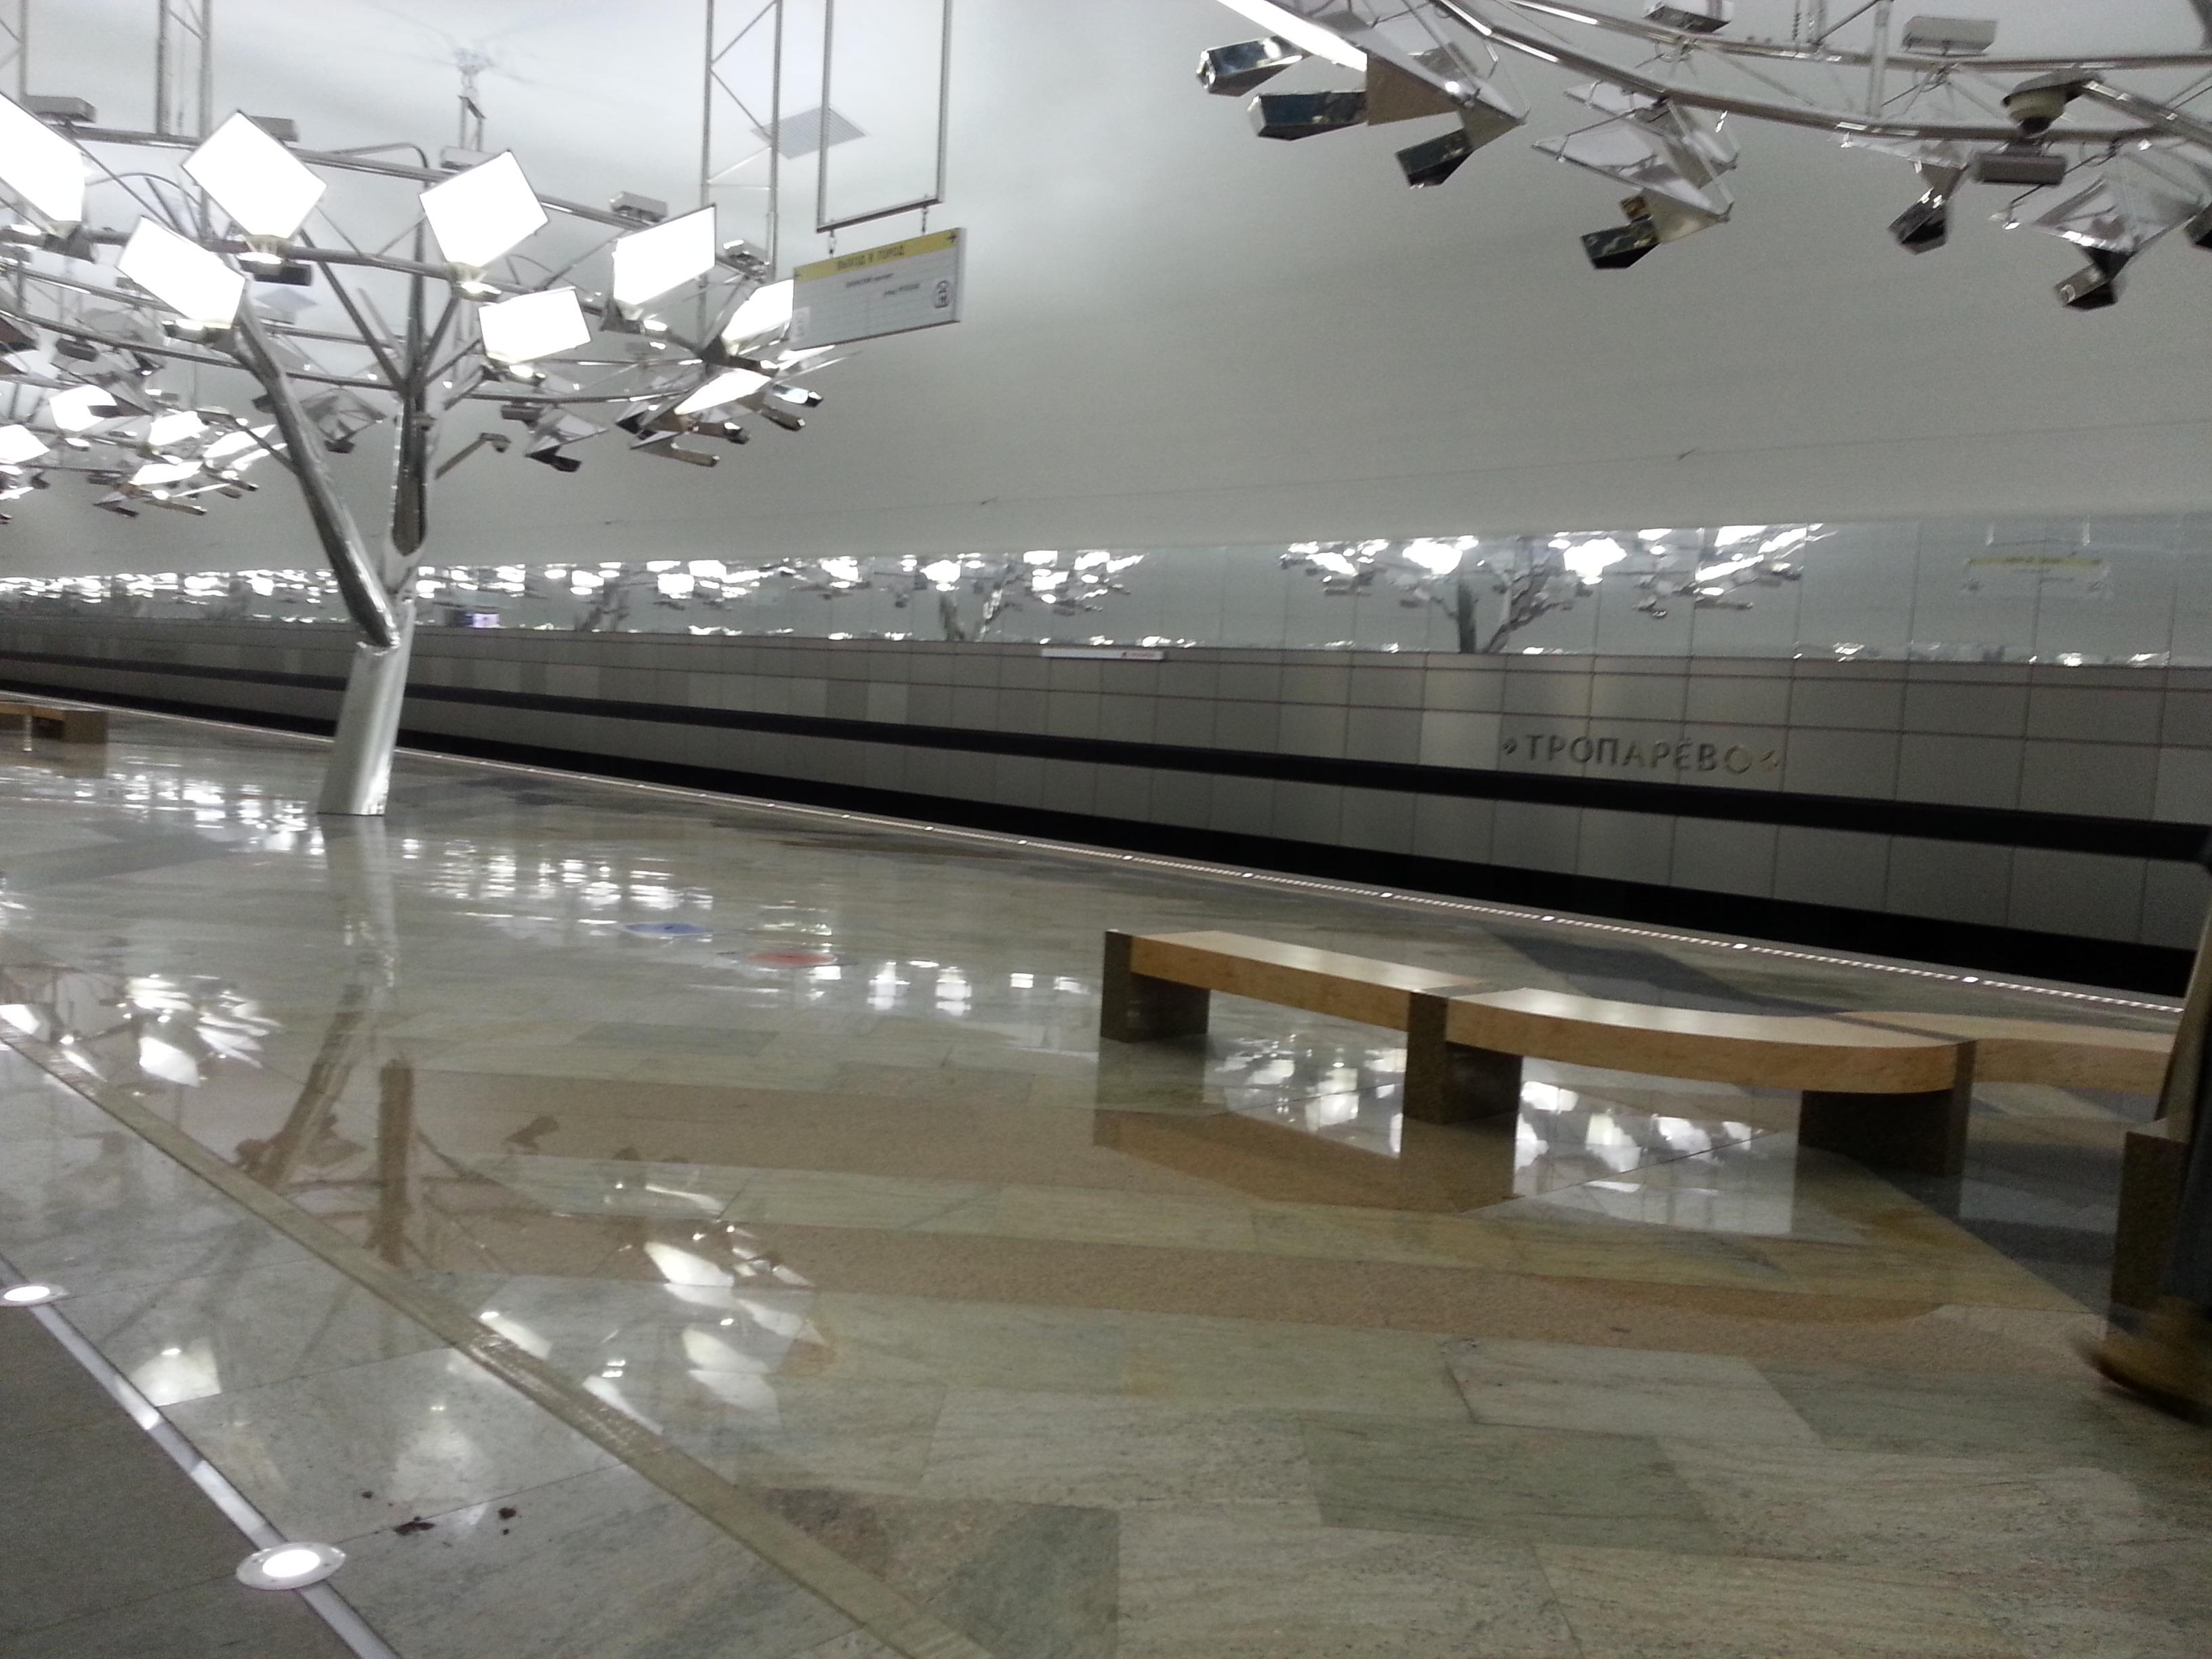 град Московский мерто Тропарёво